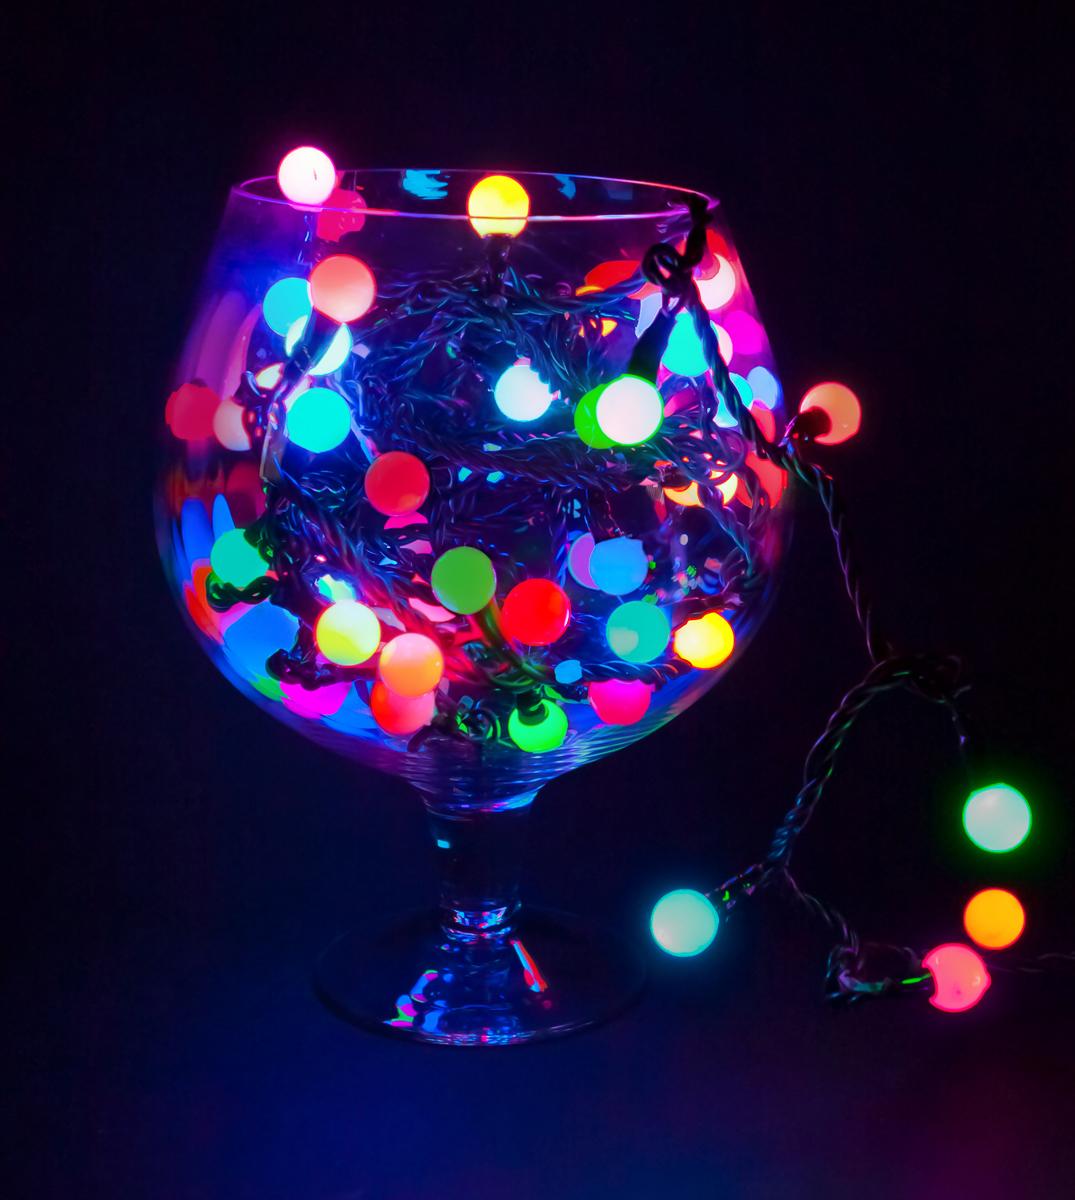 Гирлянда Neon-Night Мультишарики, светодиодная, 30 LED, диаметр 13 мм, цвет: темно-зеленый, красный, зеленый, 5 м303-539Гирлянда «Мультишарики» представляет собой электрический шнур, имеющий длину 5, 10 или 20 м, на котором располагаются сверх яркие светодиодные лампы, изготовленные в виде шариков с диаметром 1,3-4,5 см. Светодиоды по сравнению с миниатюрными лампами накаливания имеют целый ряд существенных преимуществ. Их отличает чистое и яркое свечение, огромный ресурс, прочность, незначительное потребление энергии, надежность. Гирлянда Мультишарики обладает эффектом смены цветов. Такая гирлянда позволяет получить неповторимые светодинамические картины, коренным образом отличающиеся от существующих сегодня типов световых эффектов.Гирлянда «Мультишарики» великолепно подходит для украшения помещений, интерьерных елок, превращая их в настоящие произведения искусства.Данная гирлянда имеет длину 5м на которой расположено 30 шариков диаметром 13мм с цветом свечения светодиодов RGB.